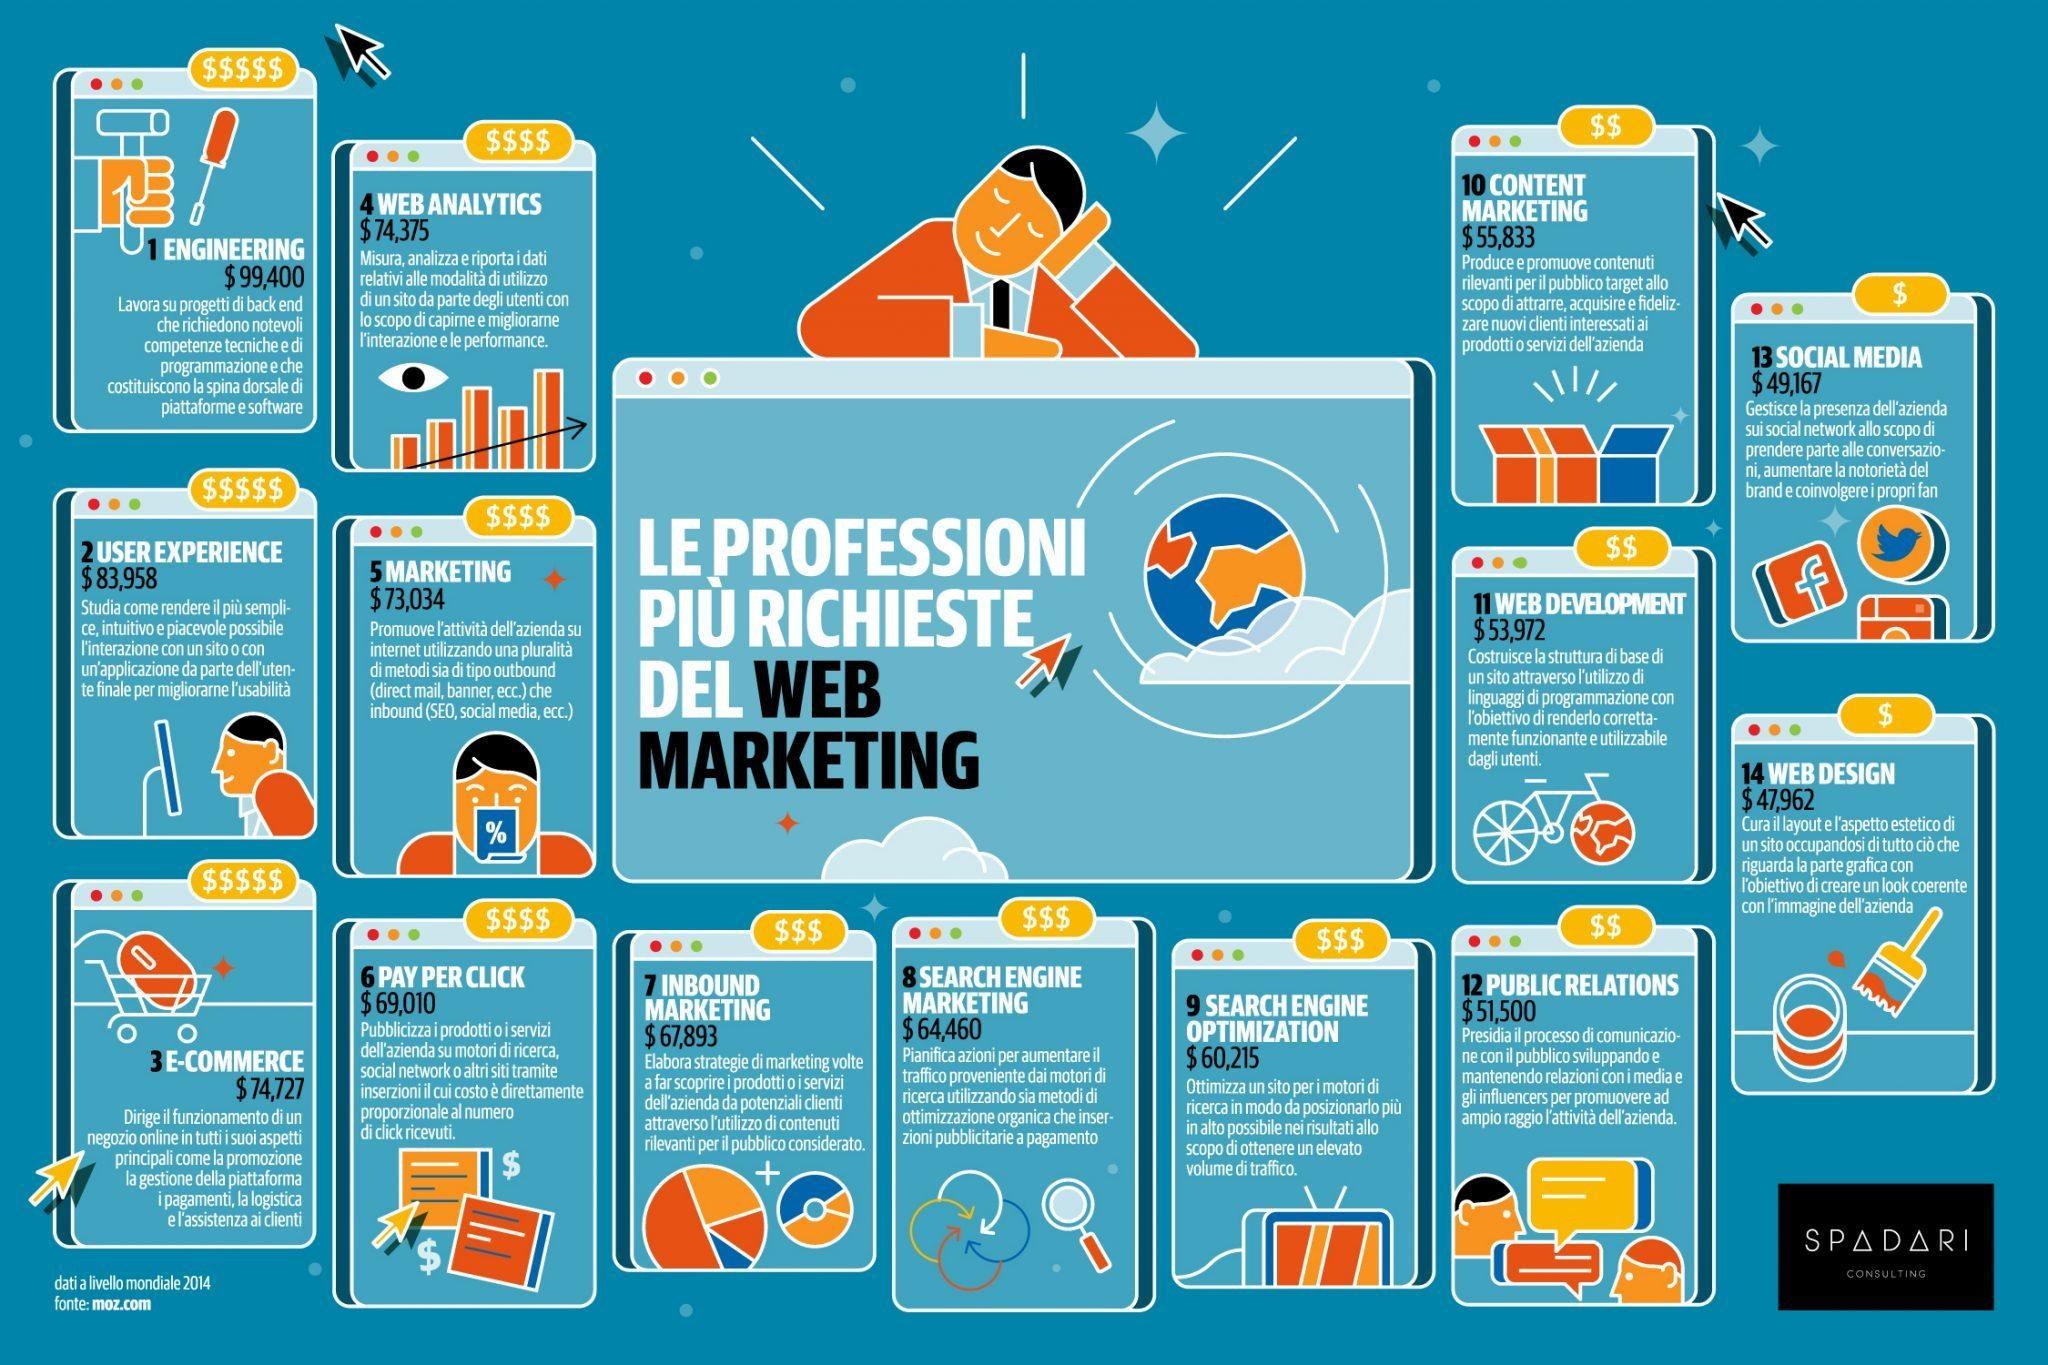 professioni-più-richieste-web-marketing-2014-1